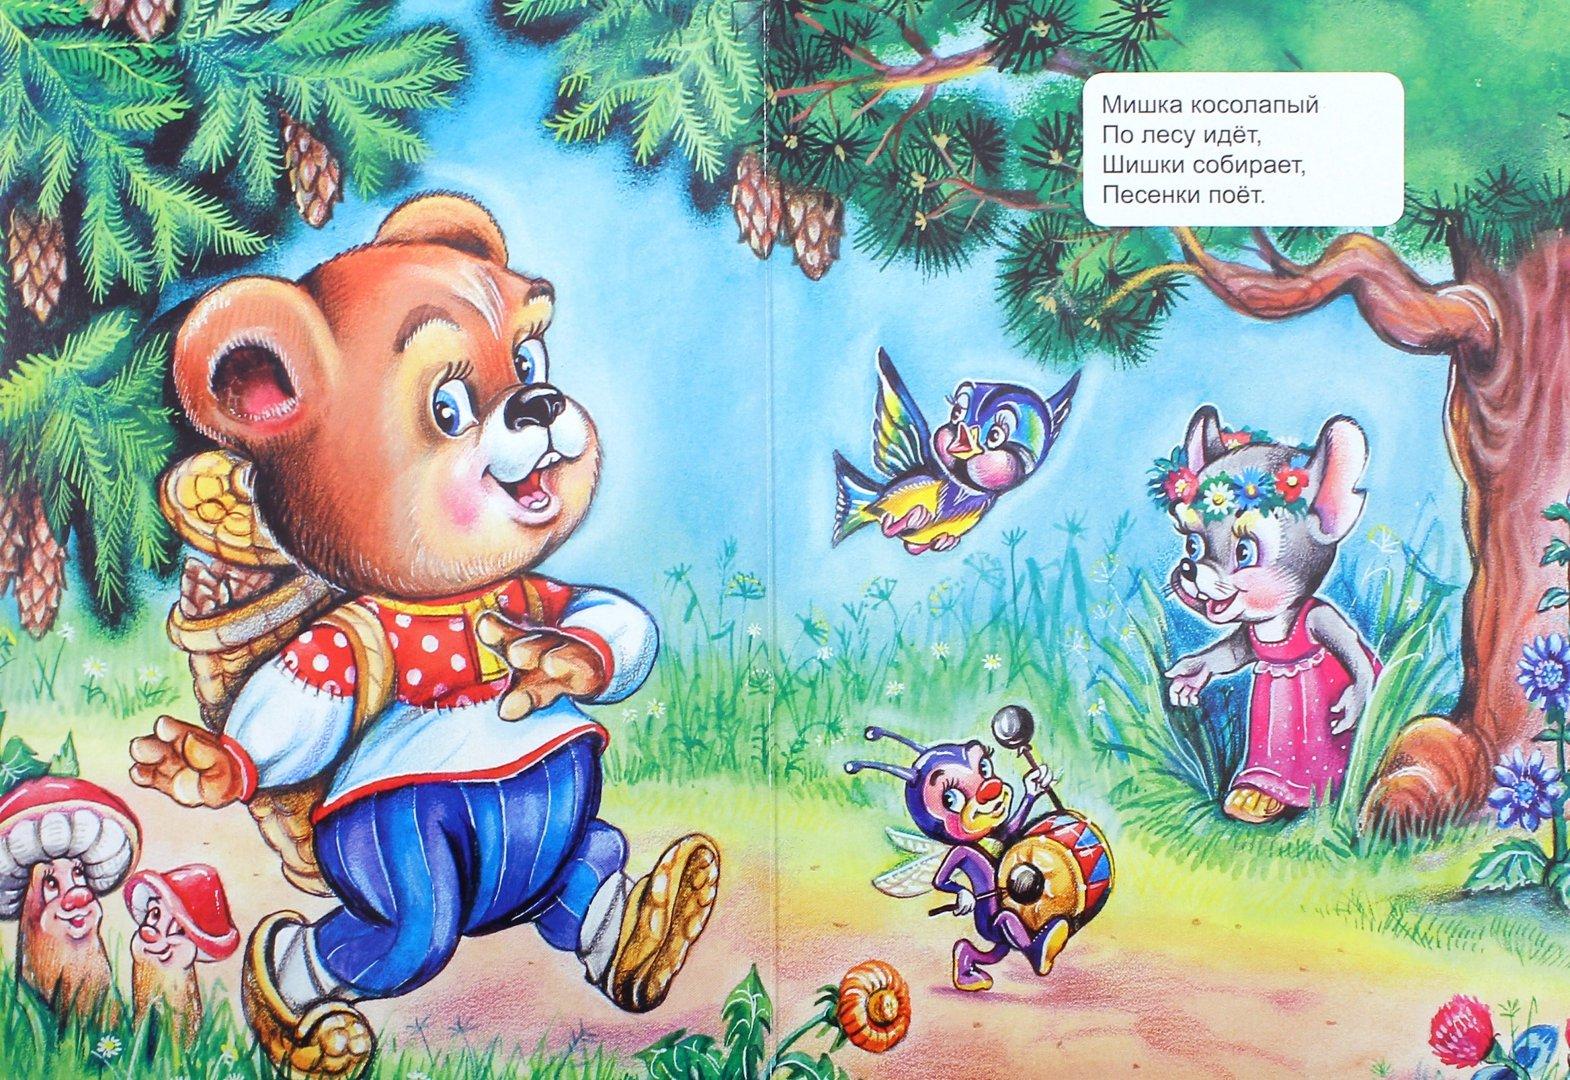 Поздравление с днем рождения плюшевый мишка